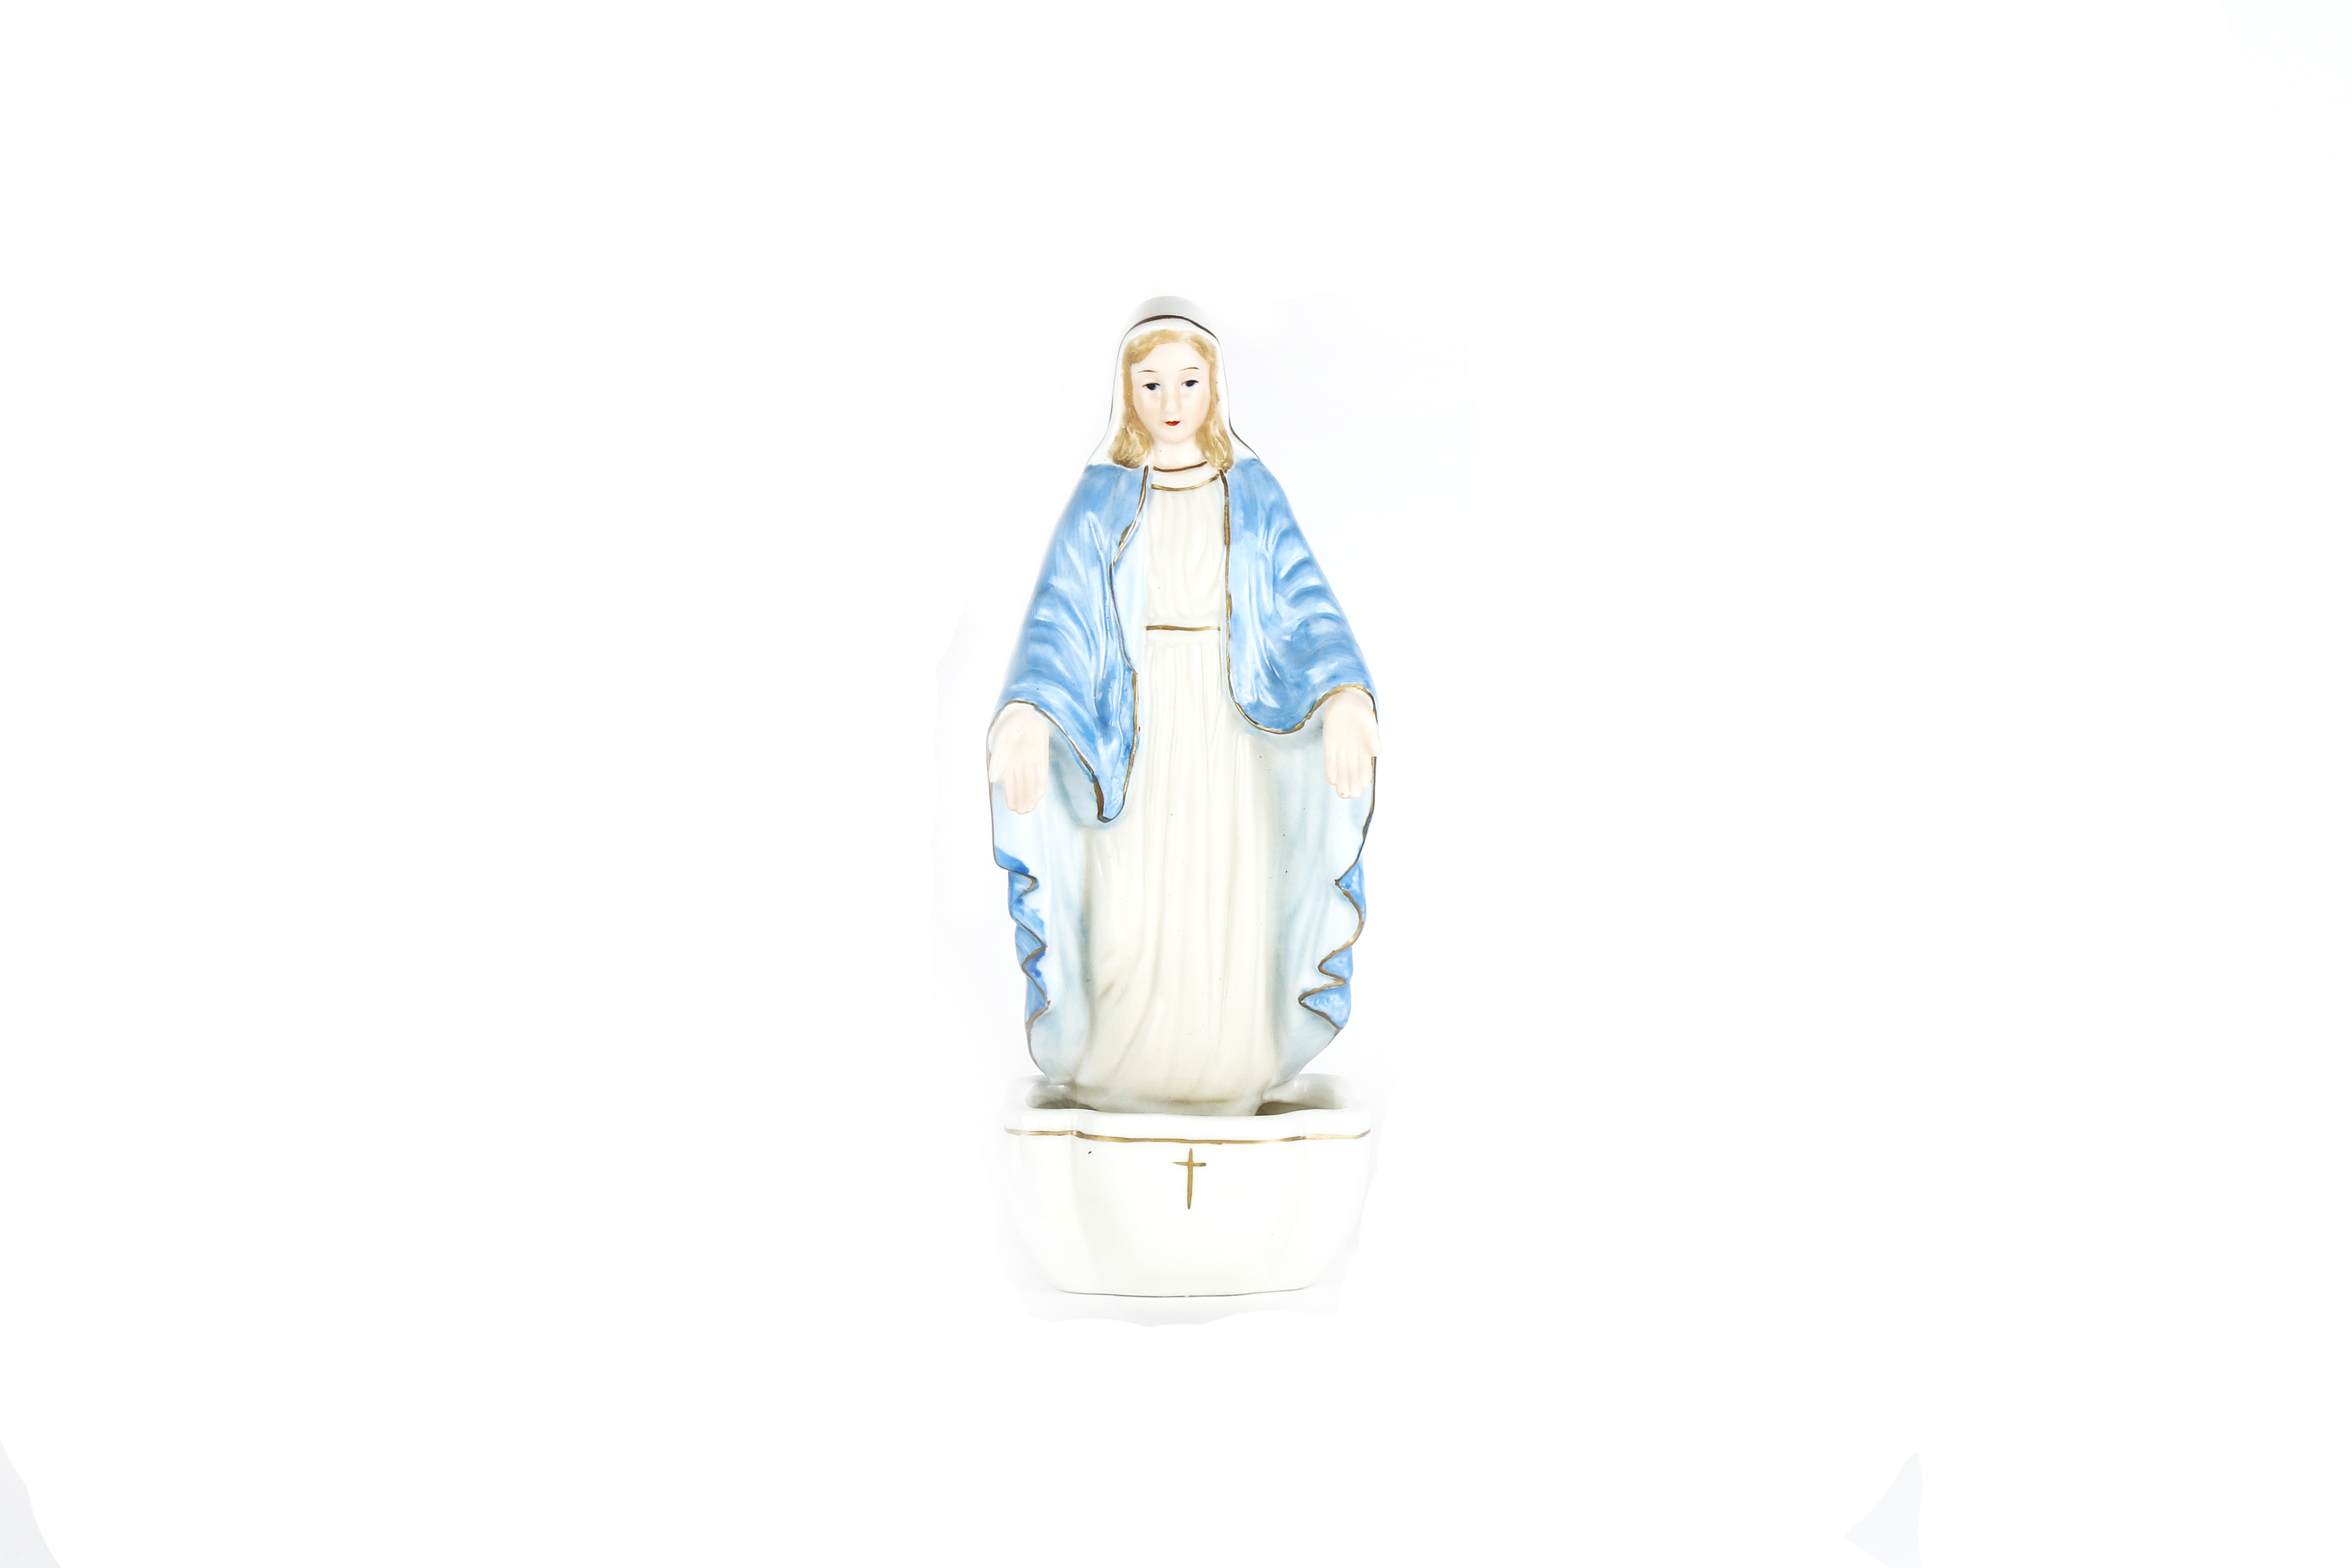 Bénitier de la Miraculeuse / Miraculous Virgin Porcelain stoup